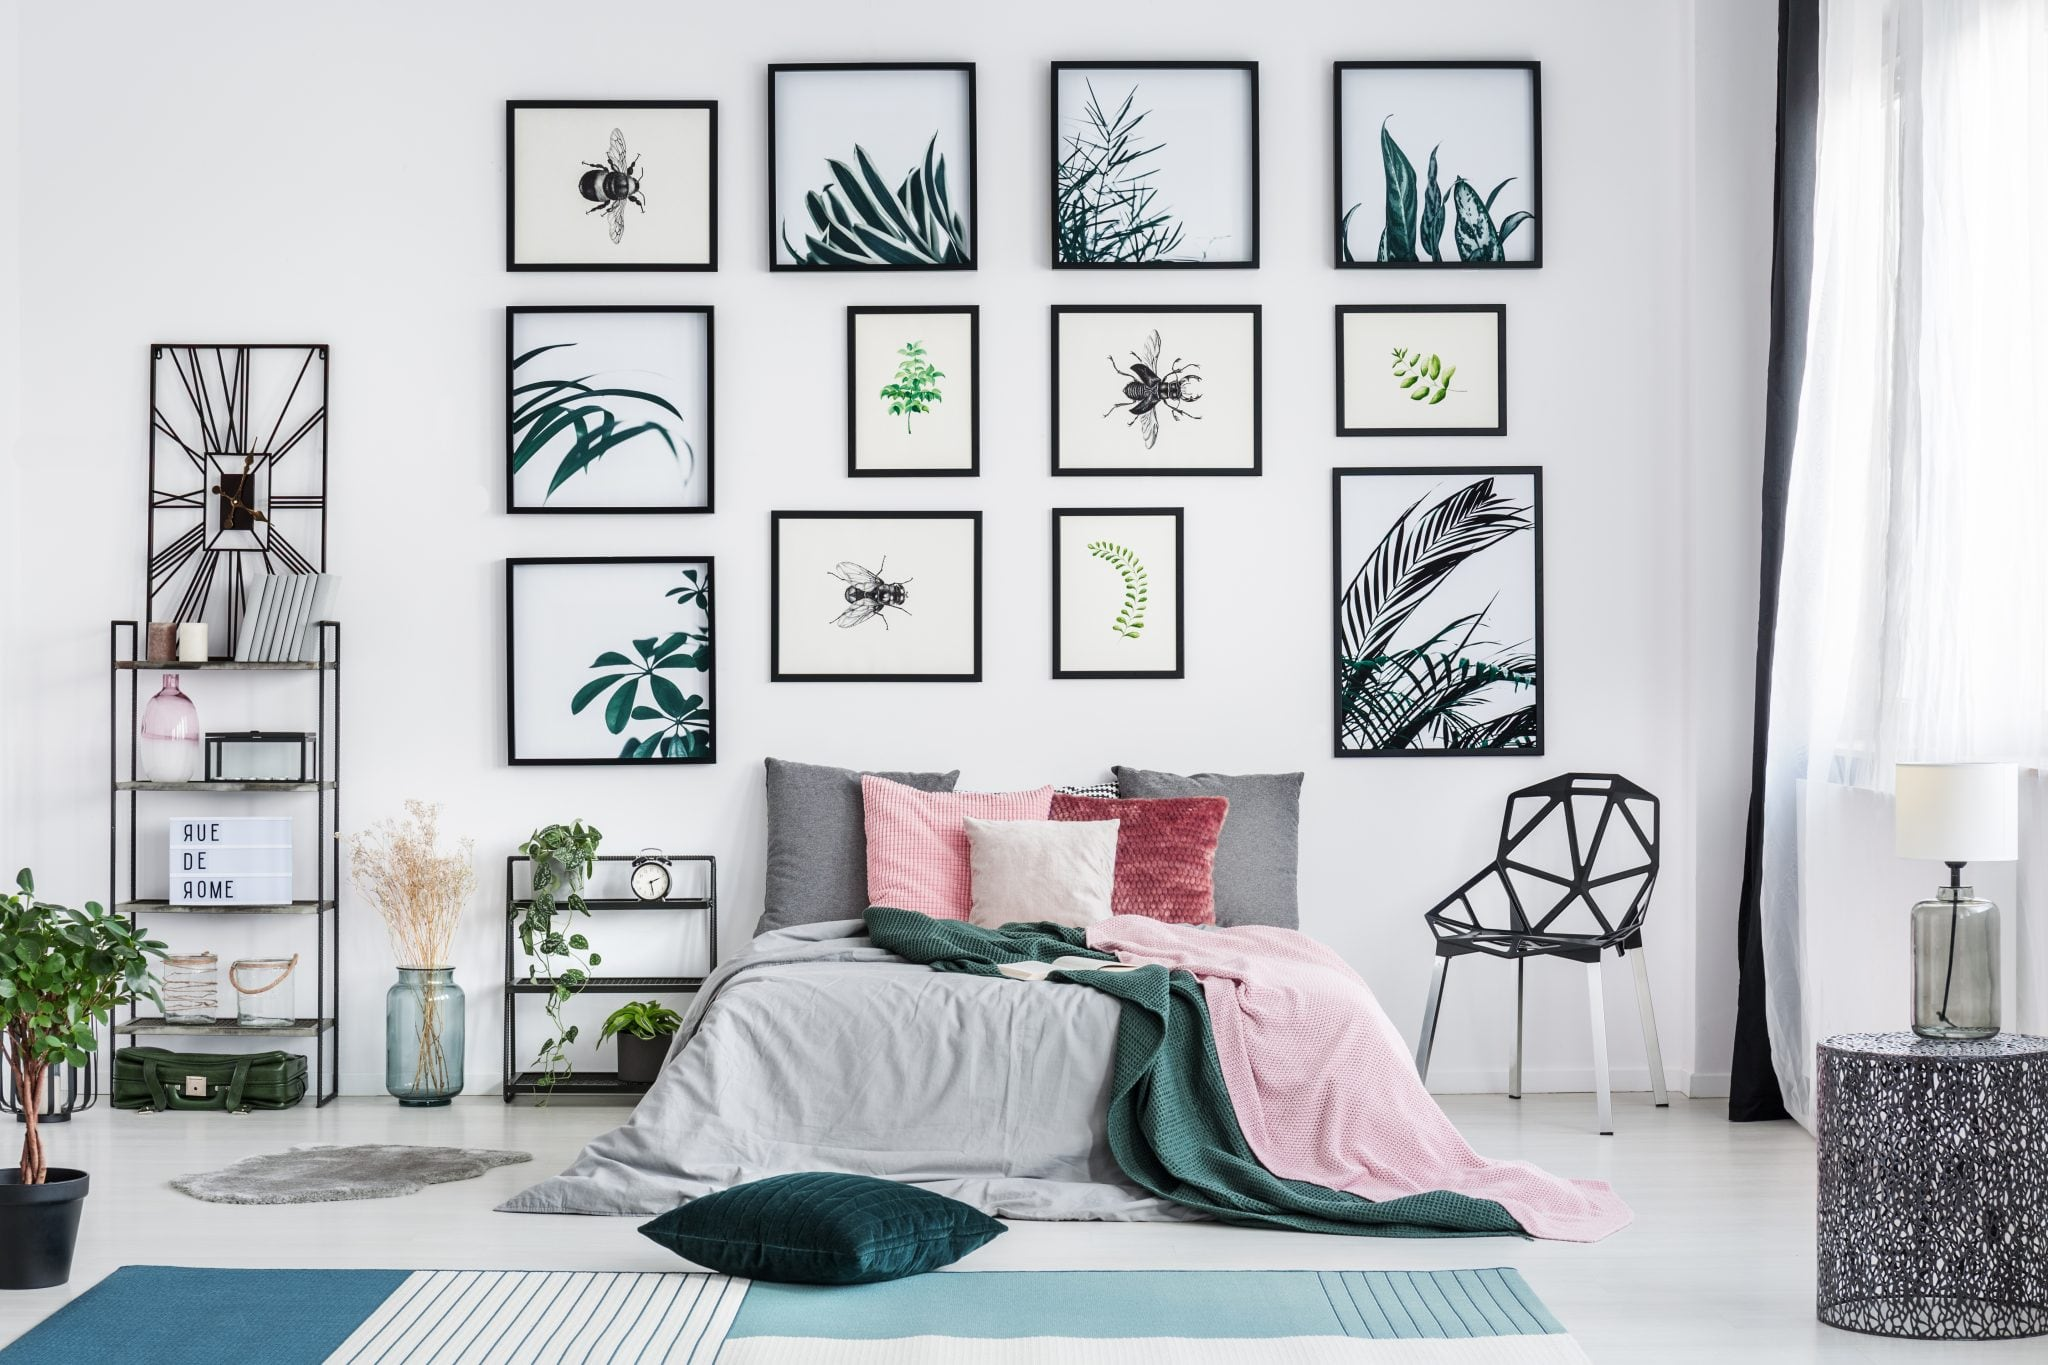 Burçlara Göre Ev Dekorasyonu